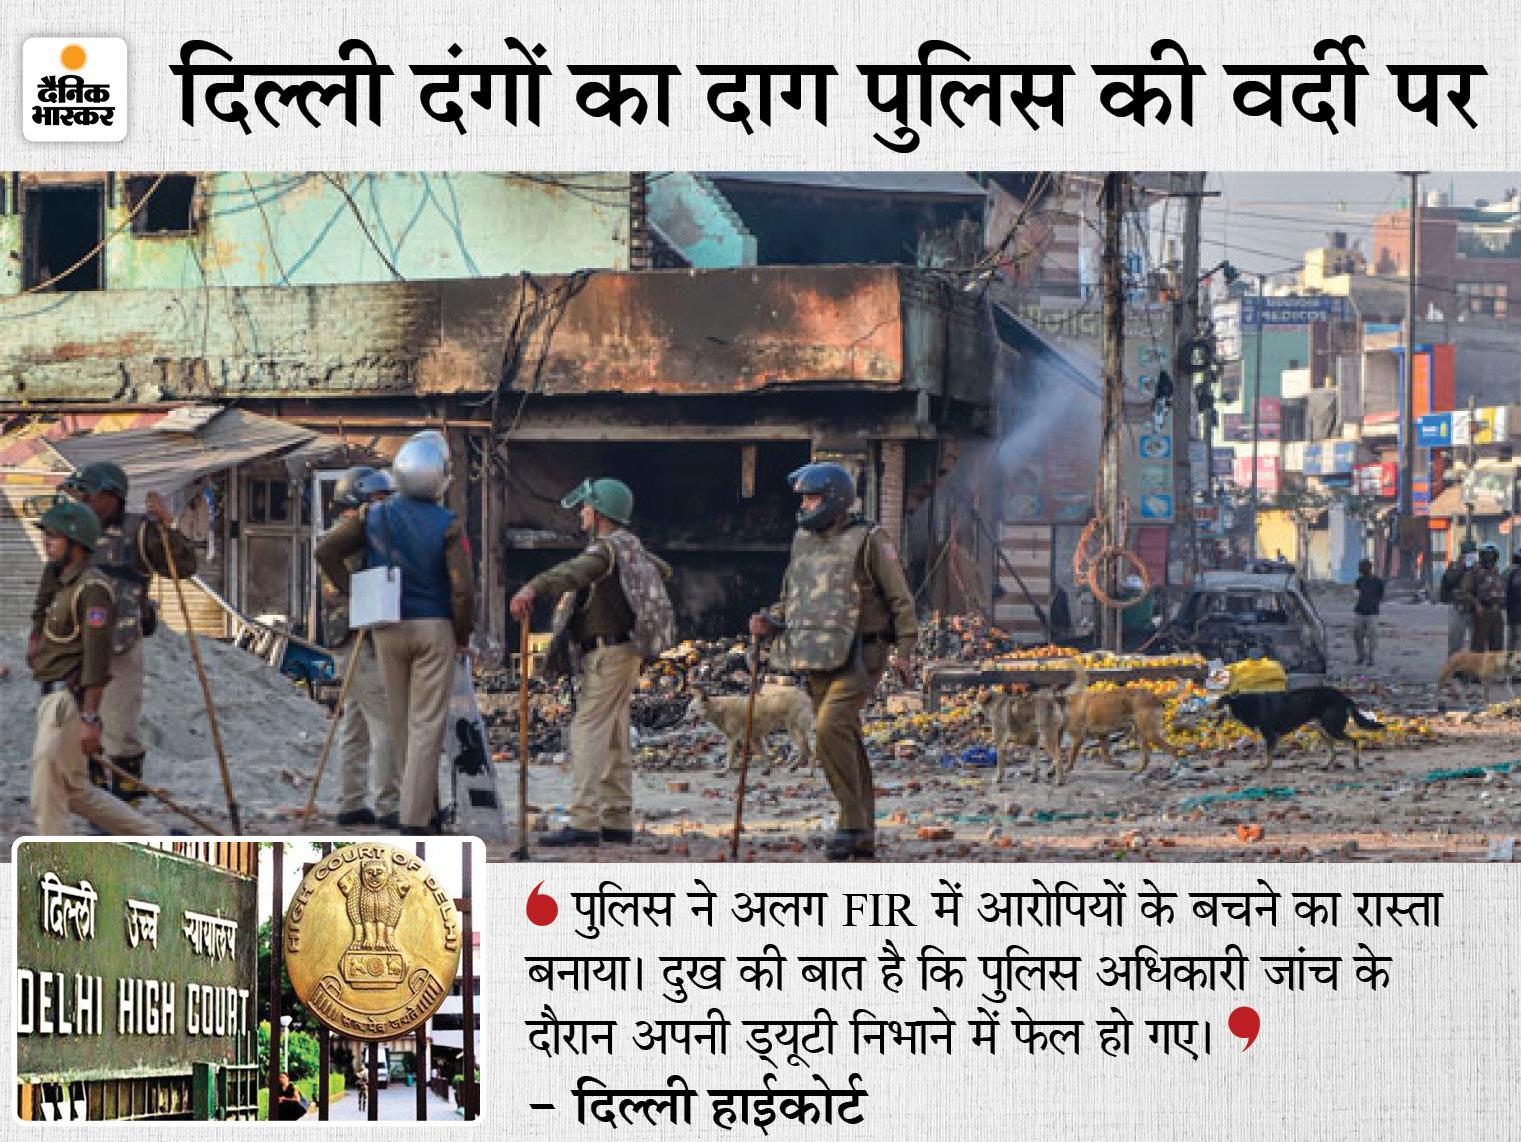 दिल्ली दंगा केस में हाईकोर्ट ने पुलिस की जांच को बताया हास्यास्पद, कहा- पुलिस ने आरोपियों के बचाव का रास्ता बनाया, 25 हजार का जुर्माना ठोका|देश,National - Dainik Bhaskar